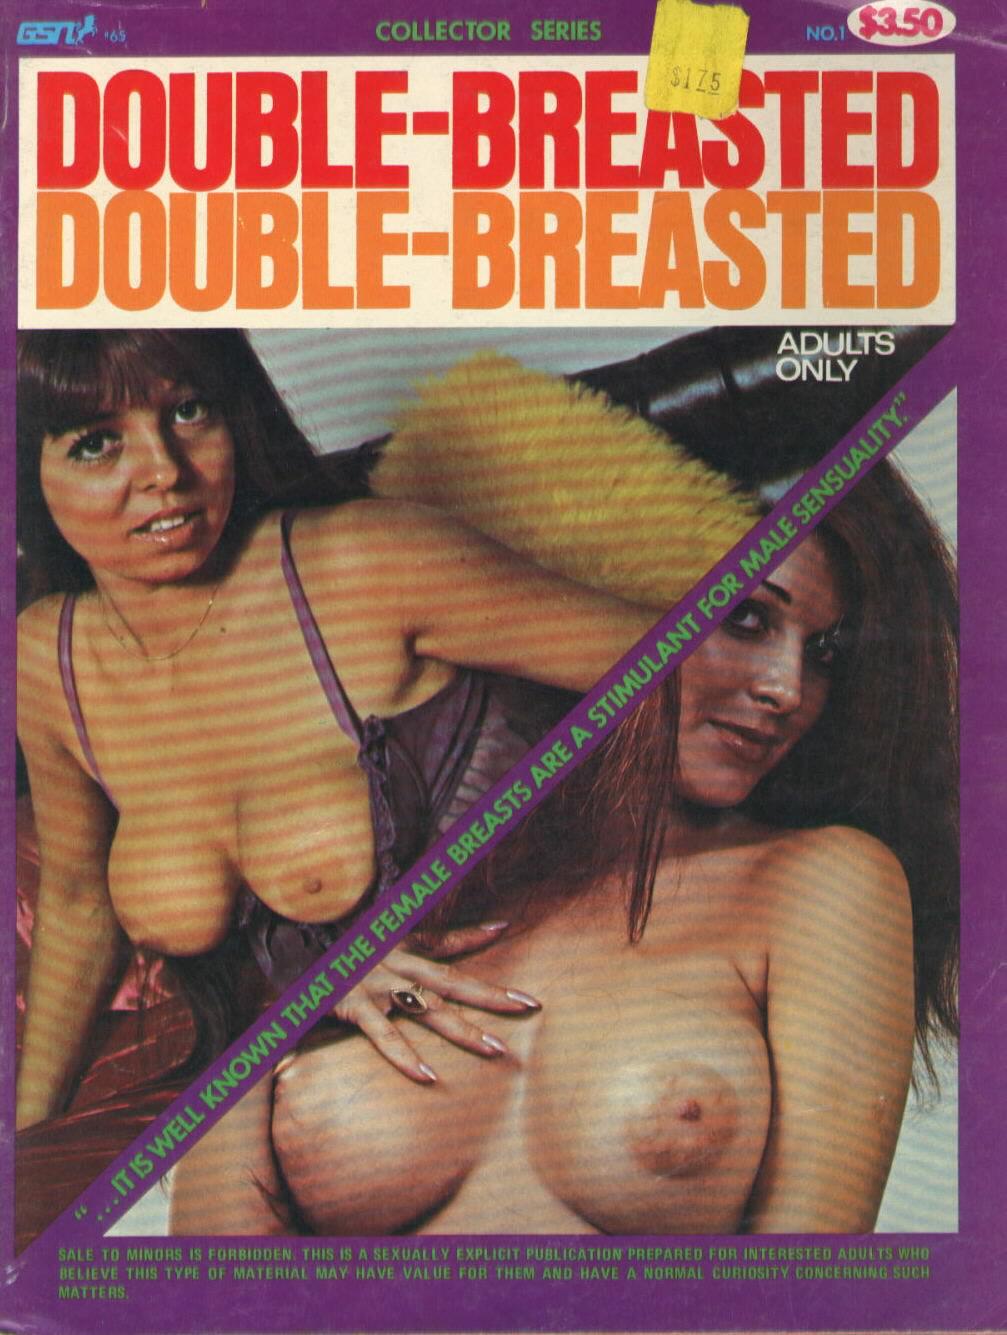 1970 s adult magazines